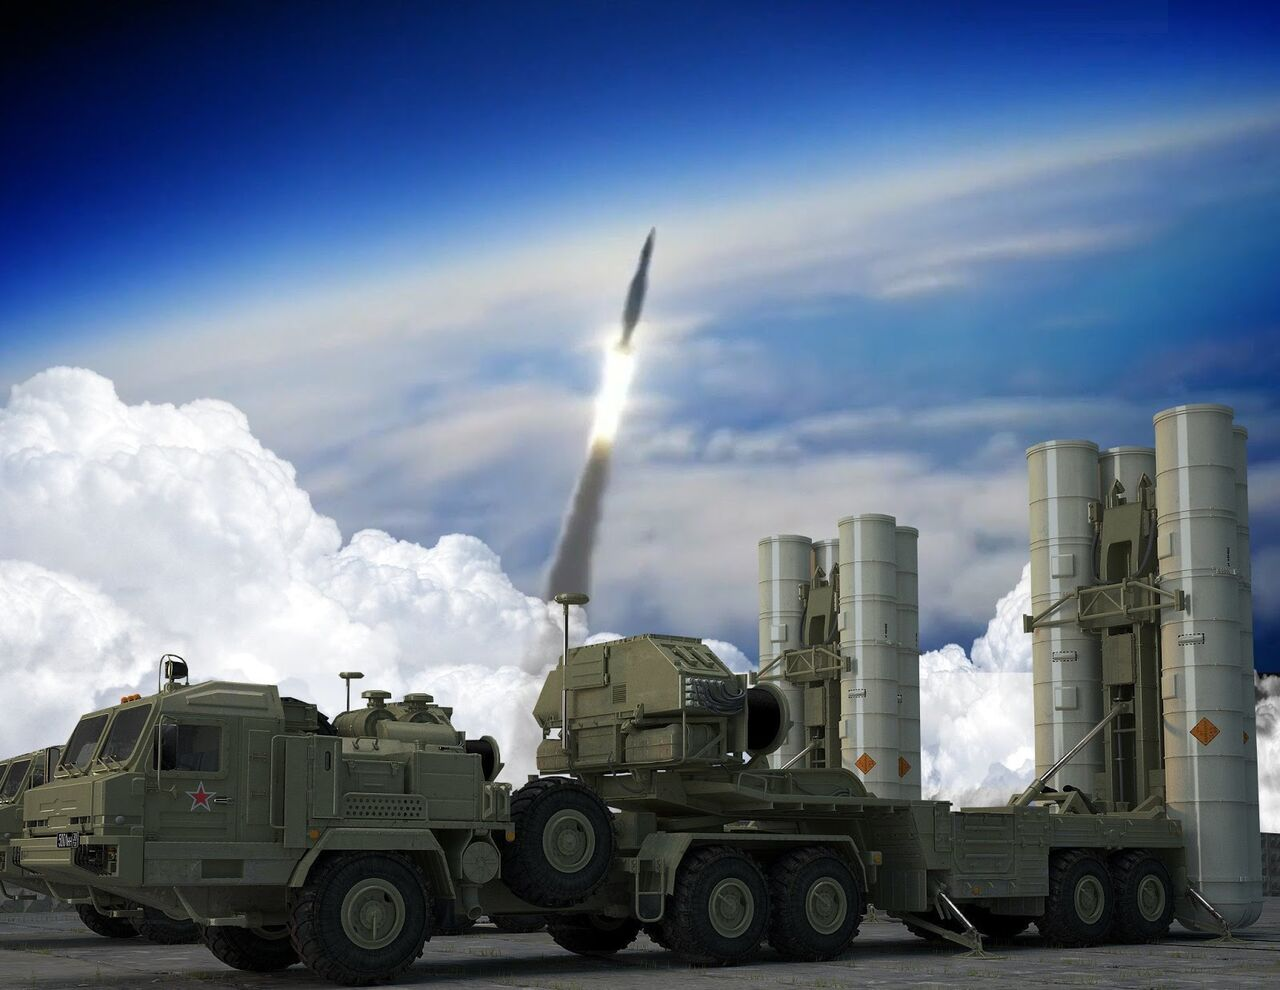 آزمایش موفقیت آمیز سامانه موشکی اس-۵۰۰ توسط روسیه/ اصابت چند راکت به نزدیکی کاخ ریاست جمهوری افغانستان/ هشدار روسیه به آمریکا درباره استقرار موشکهای فراصوت در اروپا/ ازسرگیری مذاکرات کنترل تسلیحاتی آمریکا و روسیه